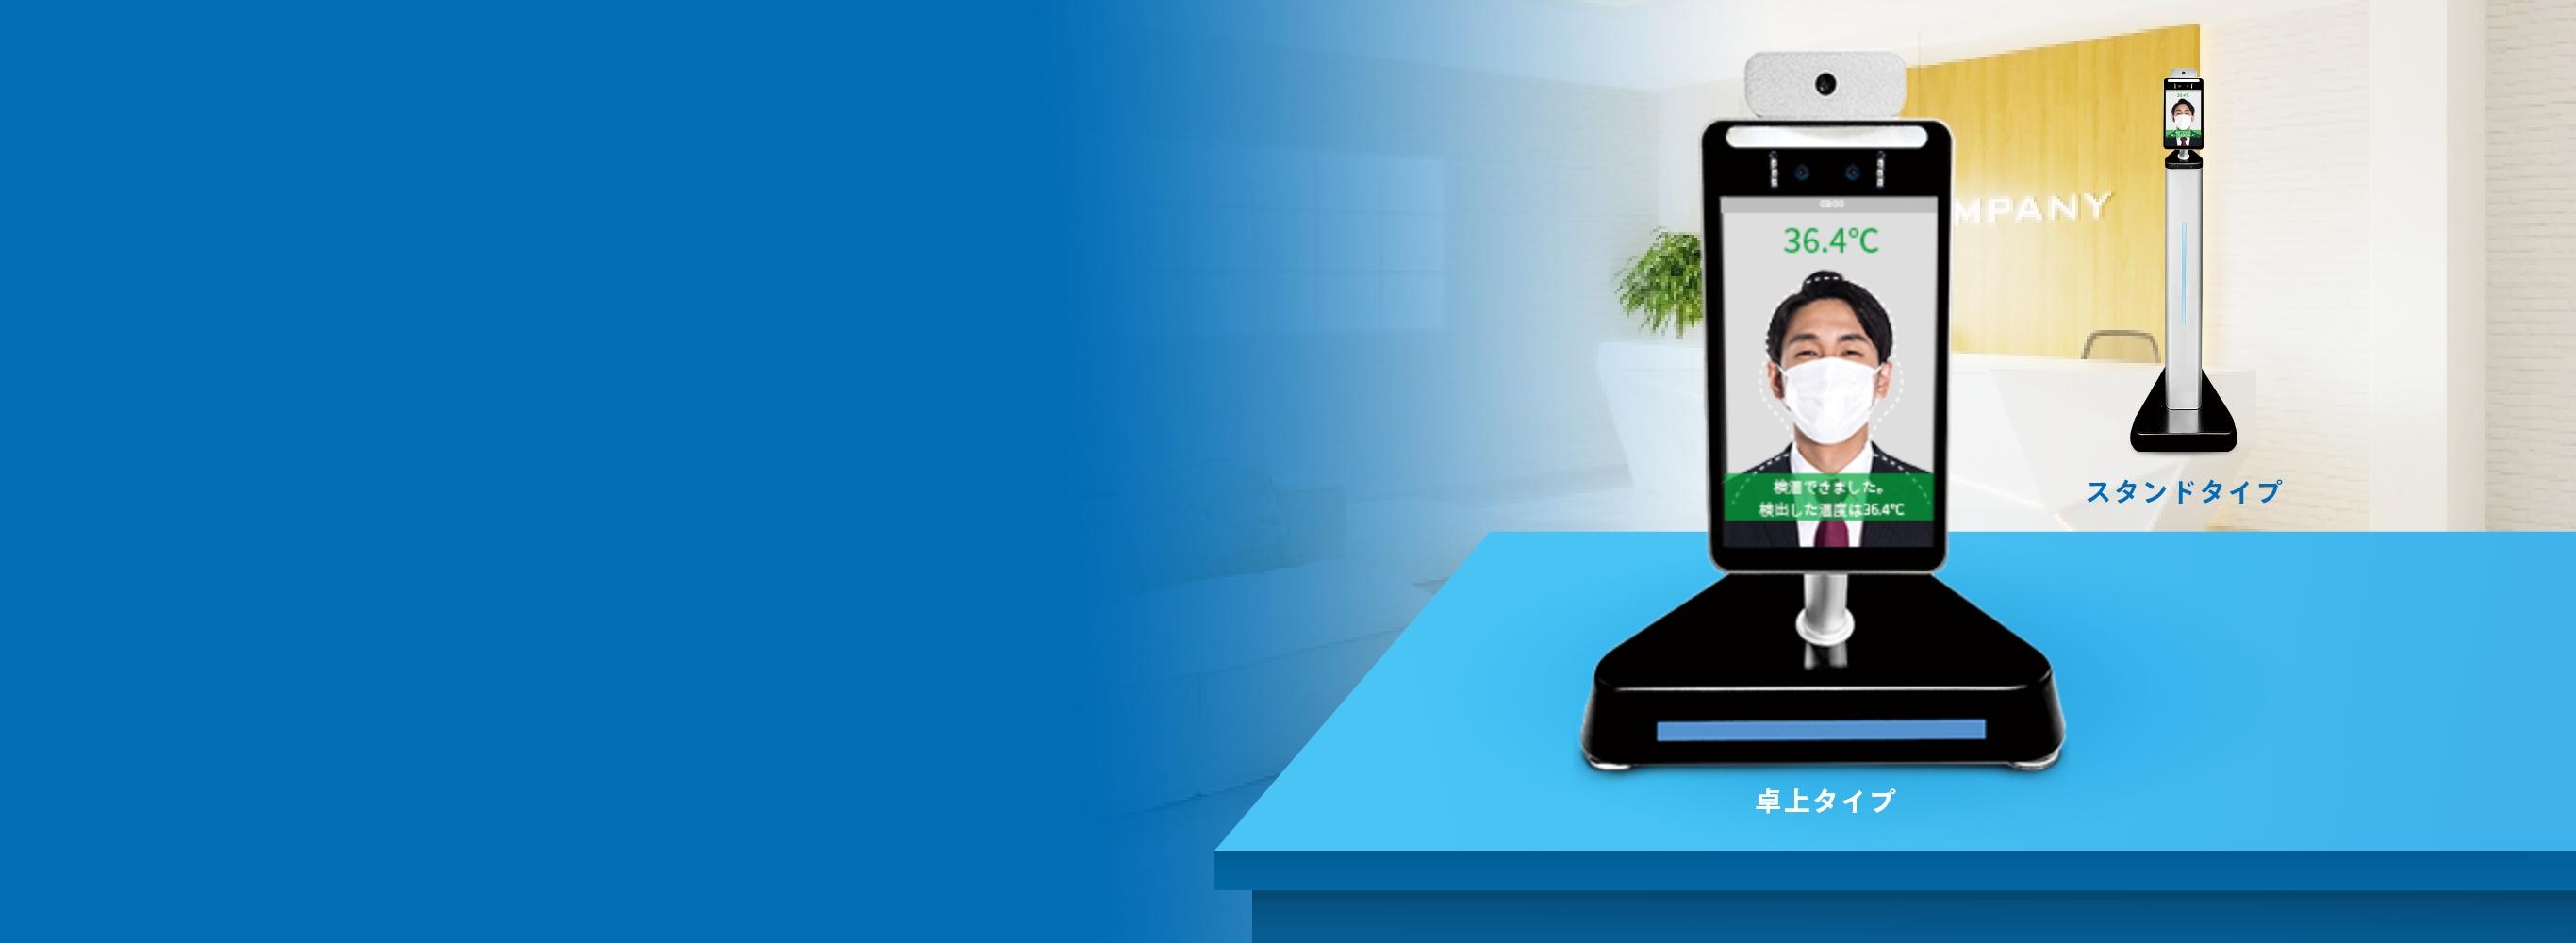 自動検温システム フェイスサーモ 使用イメージ